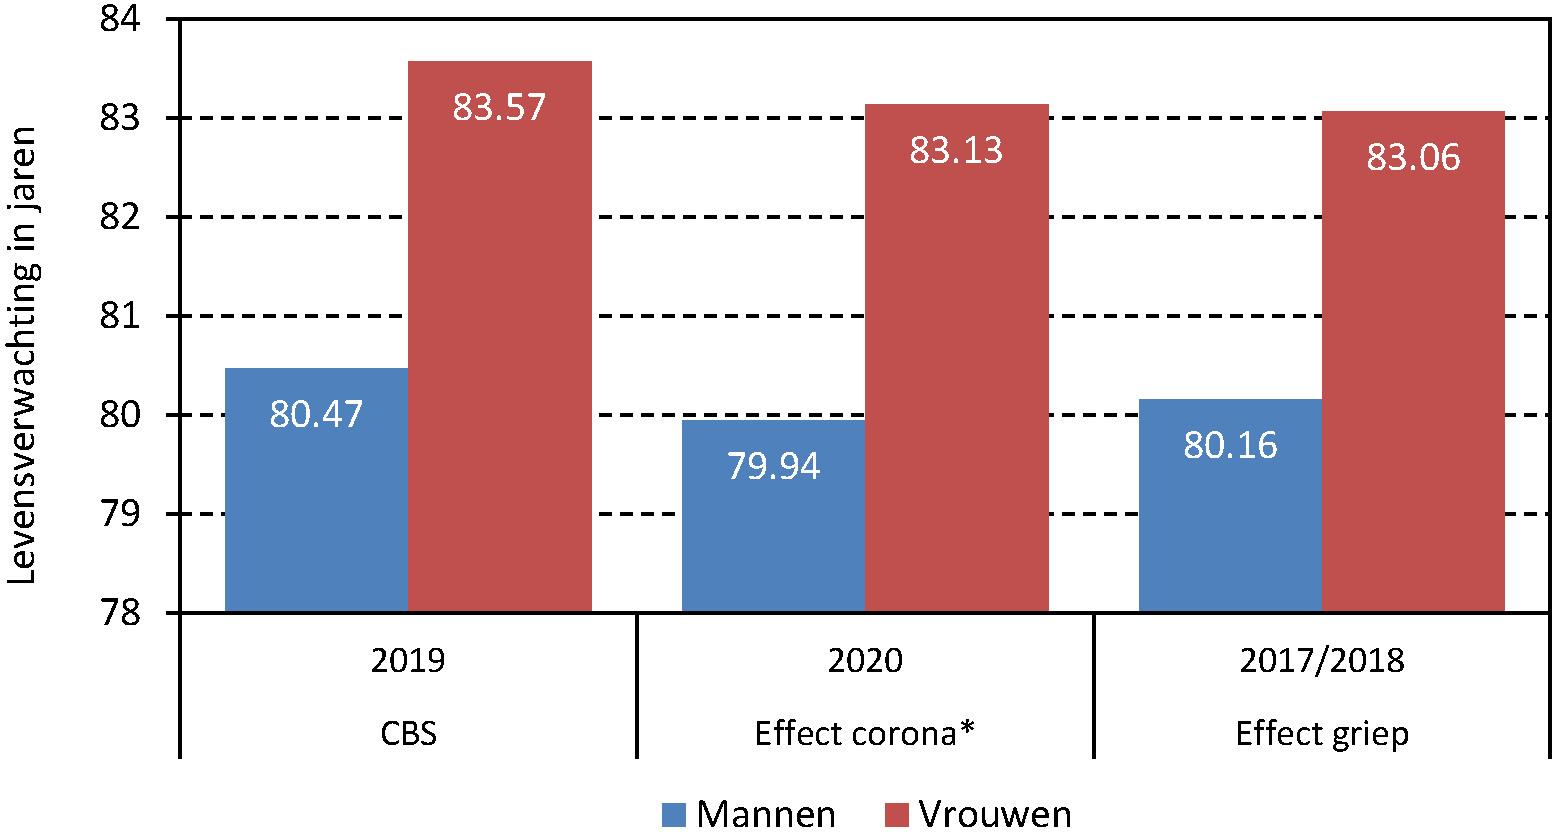 Figuur 2. Effect van de coronapandemie van 2020 en de griepepidemie van 2017/2018 op de levensverwachting